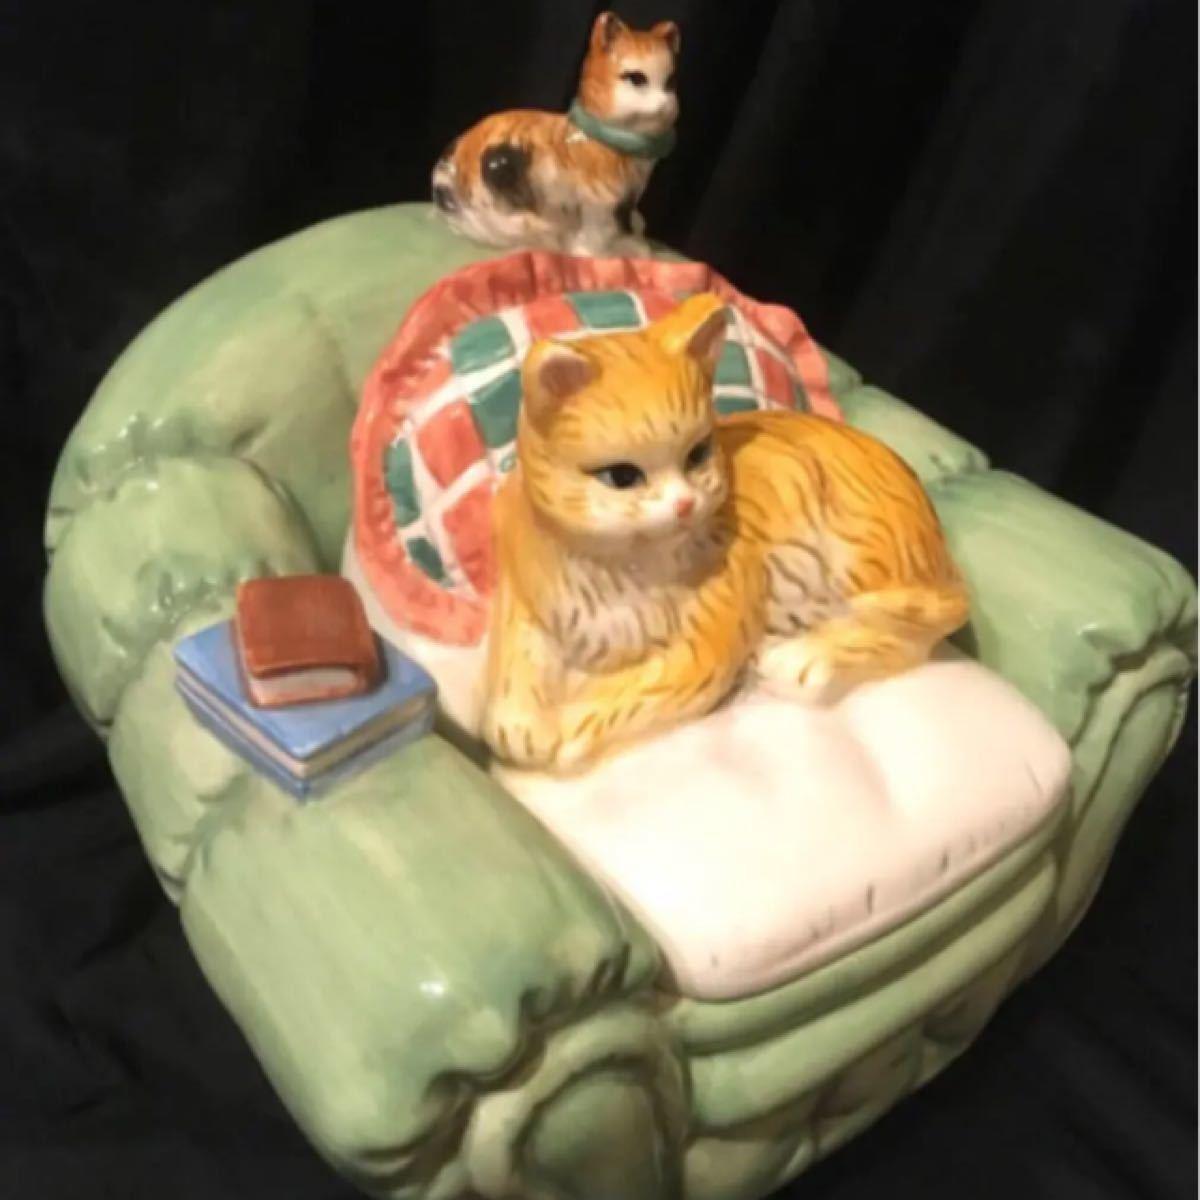 猫 イタリア製 陶器 小物入れ 飾り 猫雑貨 猫グッズ 猫物 猫置物 インテリア